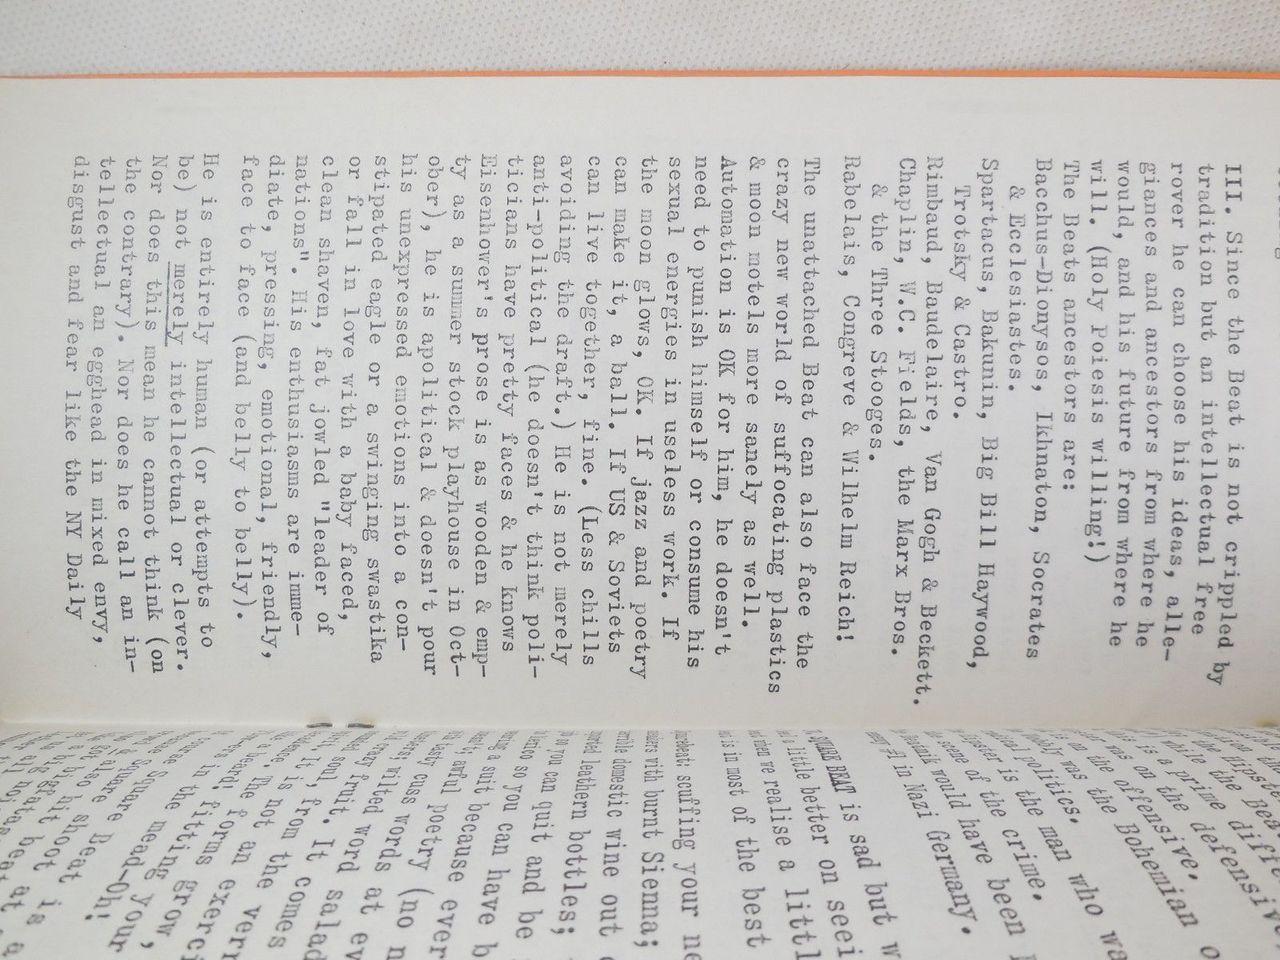 BEATING Magazine, by Tuli Kupferberg - 1959